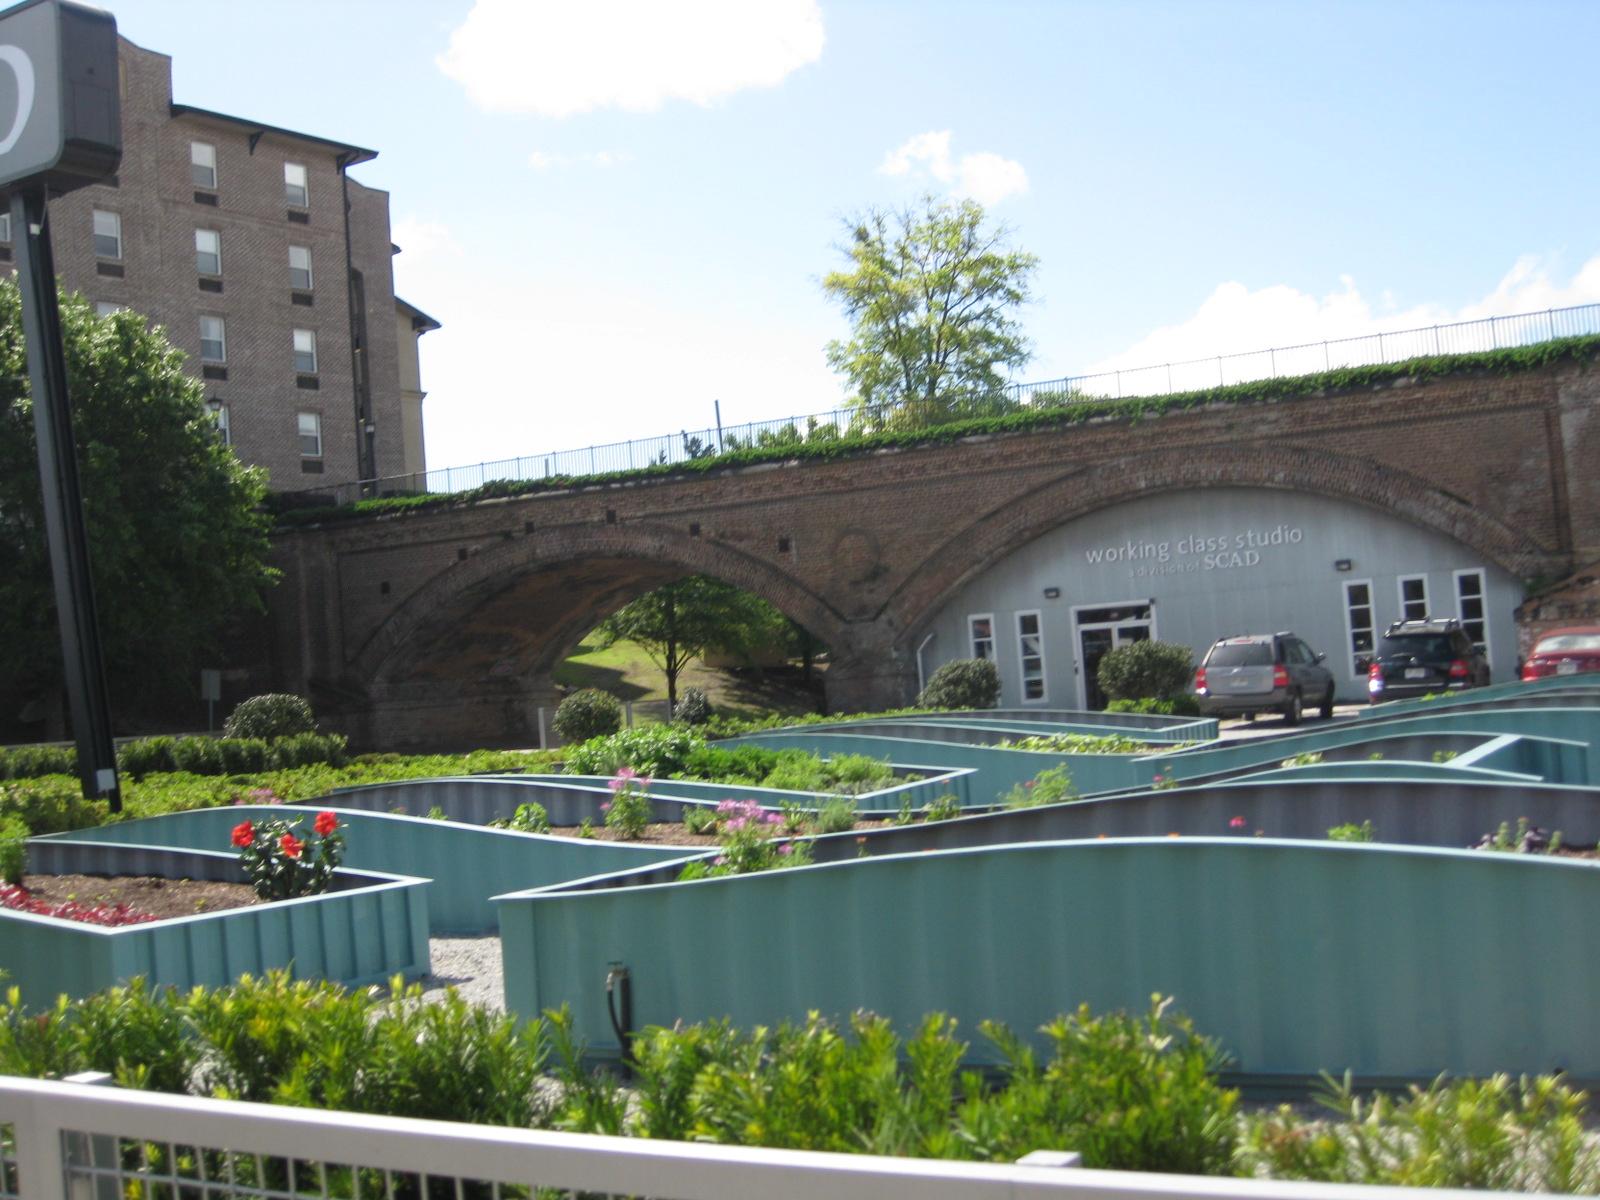 scad garden after